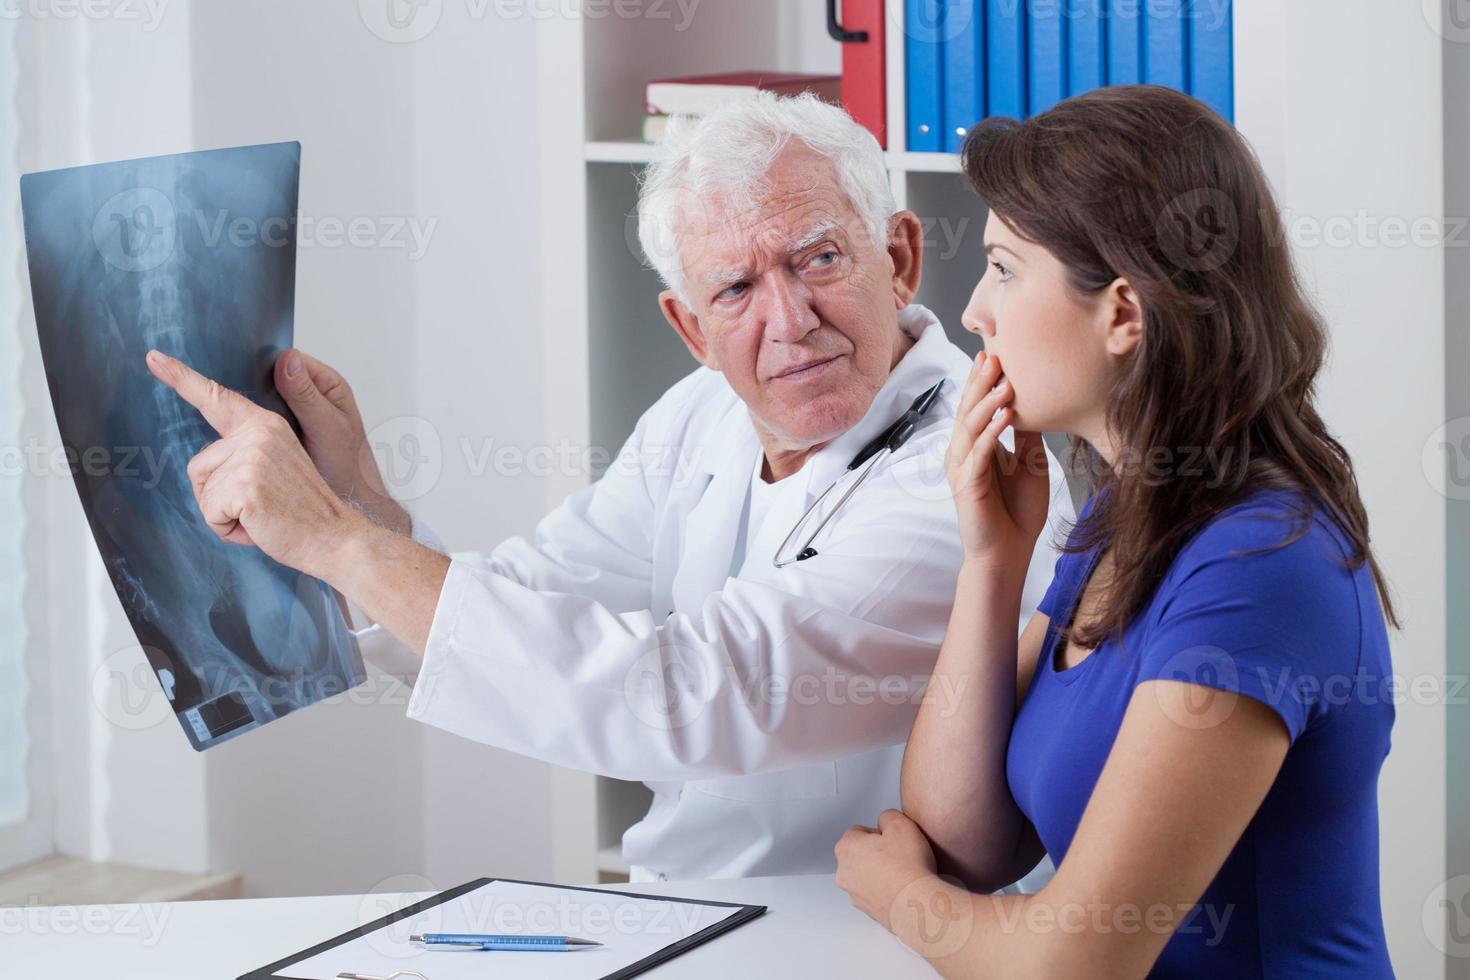 besorgter Patient foto